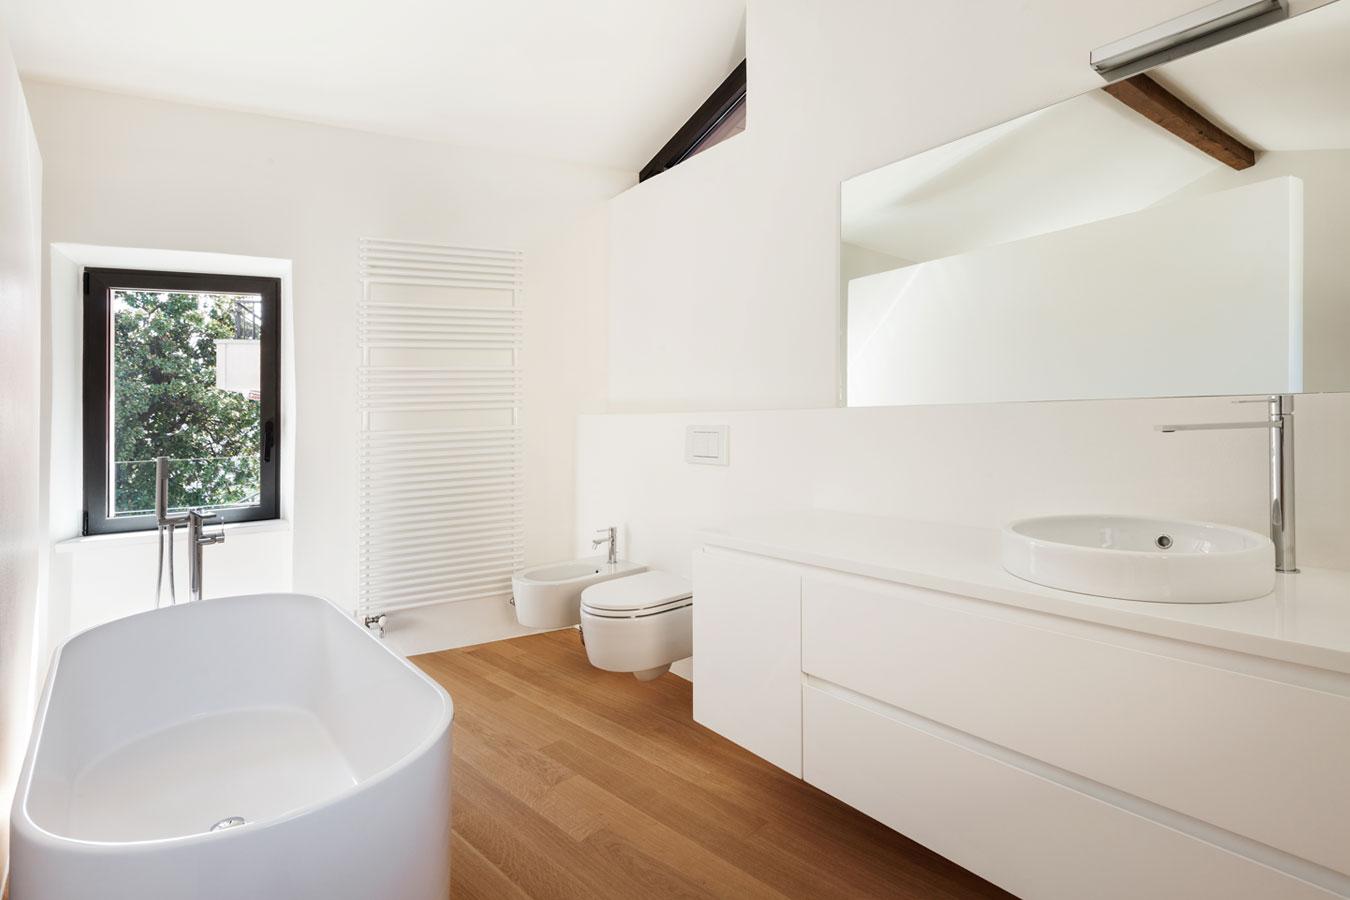 Badkamer inrichten inspiratie foto 39 s originele idee n - Ideeen voor de badkamer ...